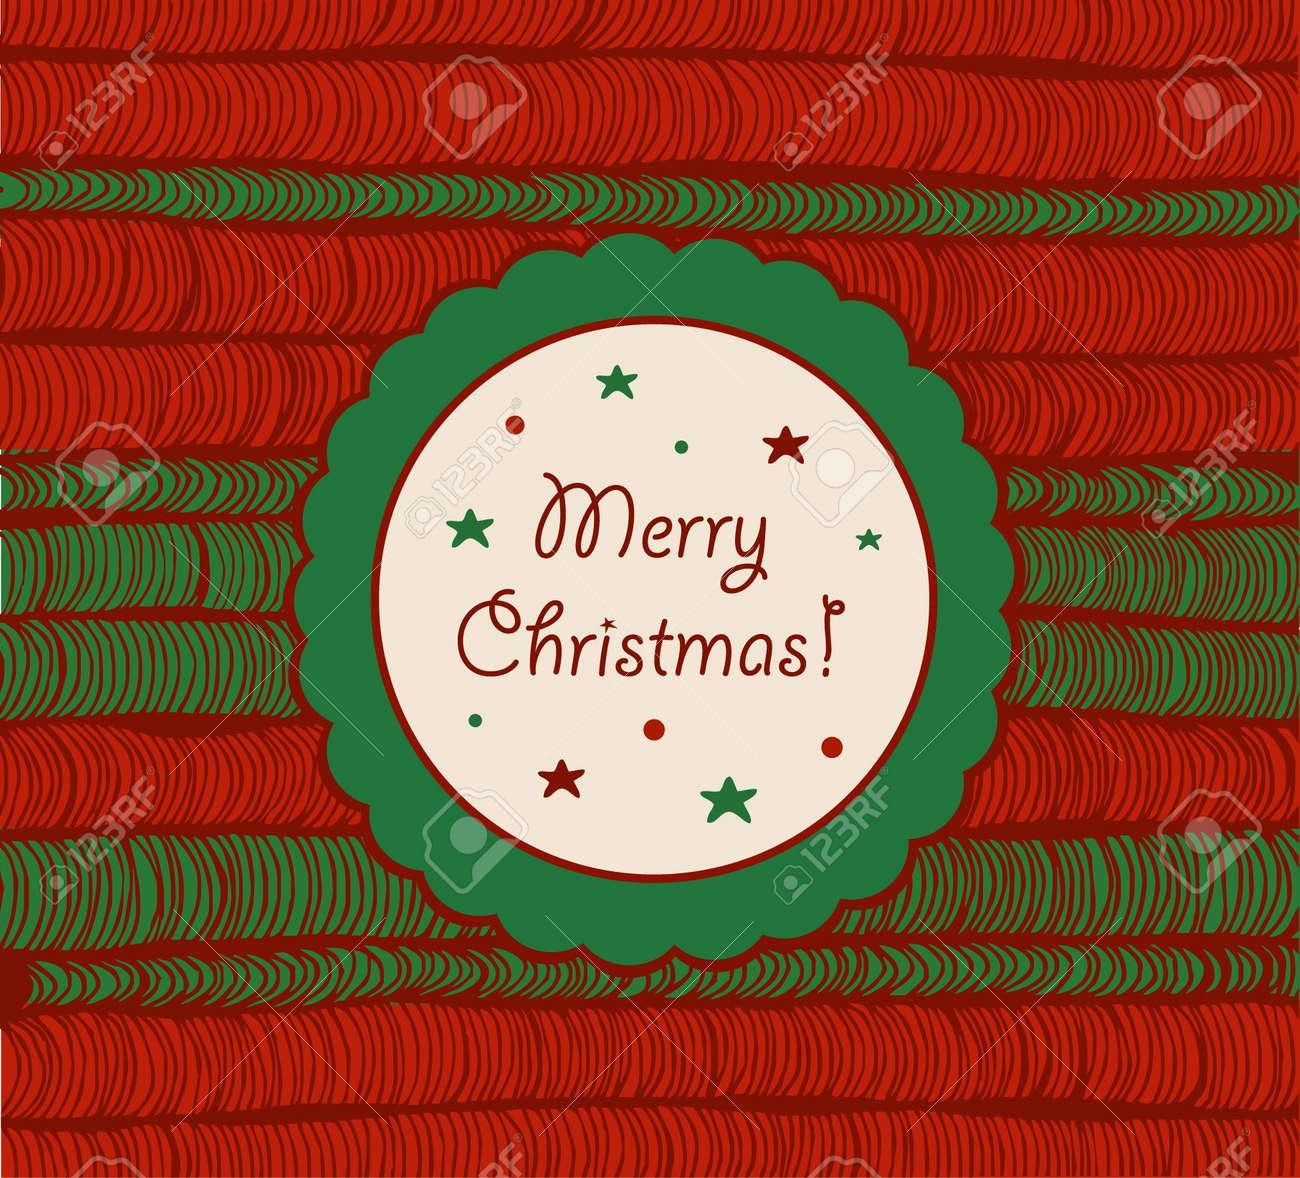 foto de archivo tarjeta de navidad con malla dibujada a mano elemento de textura vintage para navidad marco crculo de diseo con rosette texto